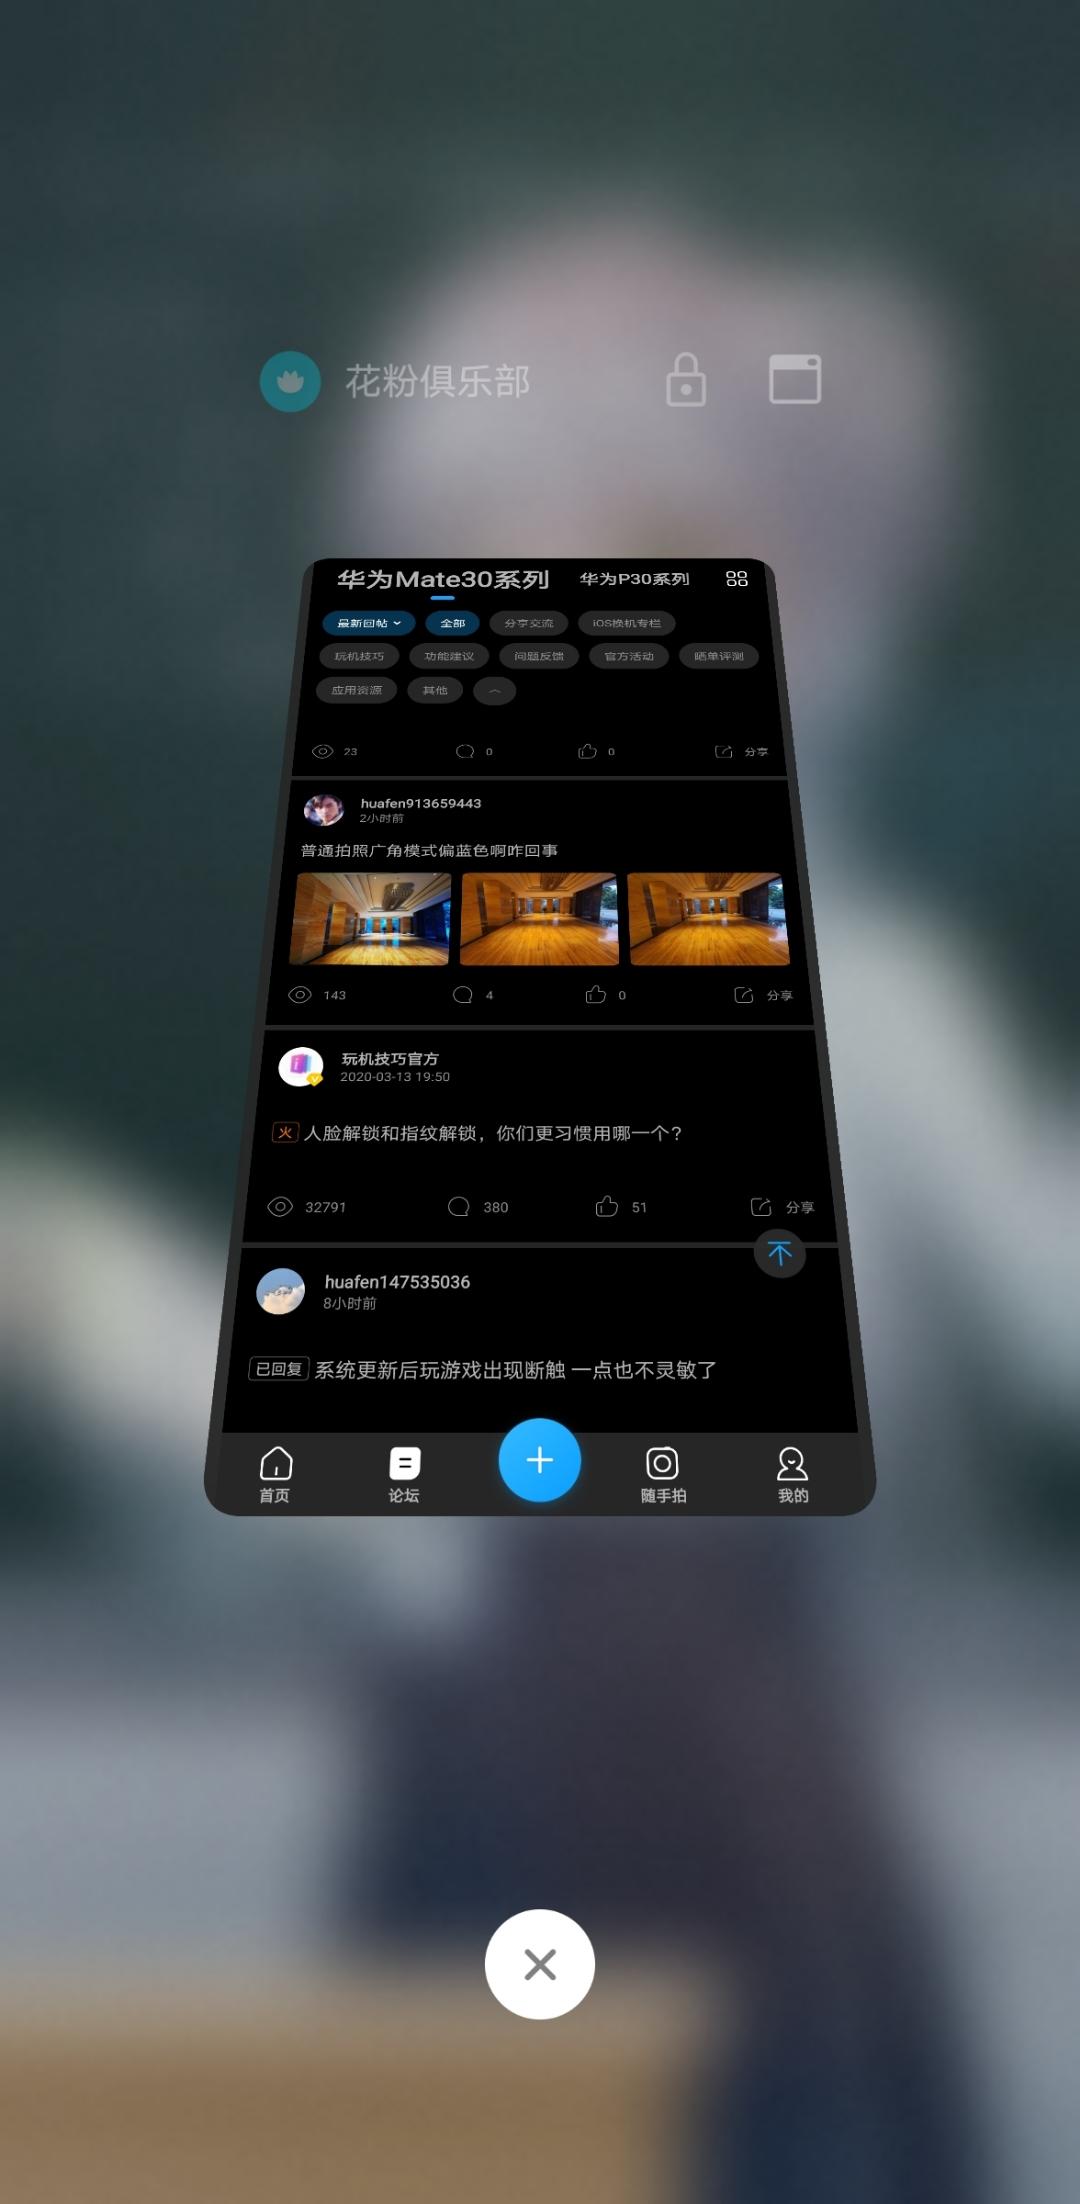 Screenshot_20200518_090134_com.huawei.android.launcher.jpg